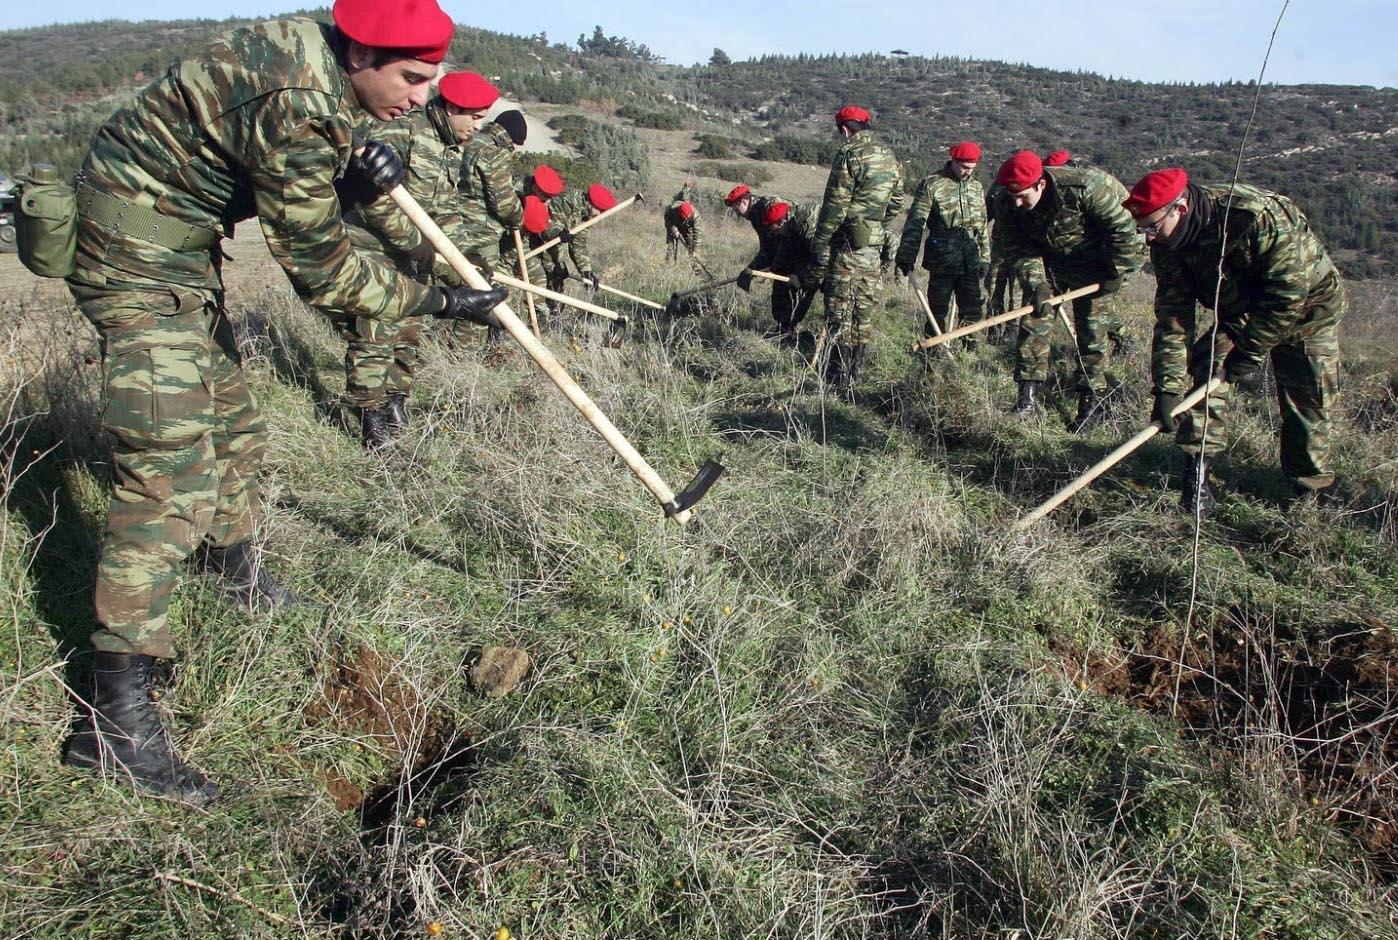 Yunanistan Meriç sınırlarını bordo bereli askerlerle güçlendiriyor